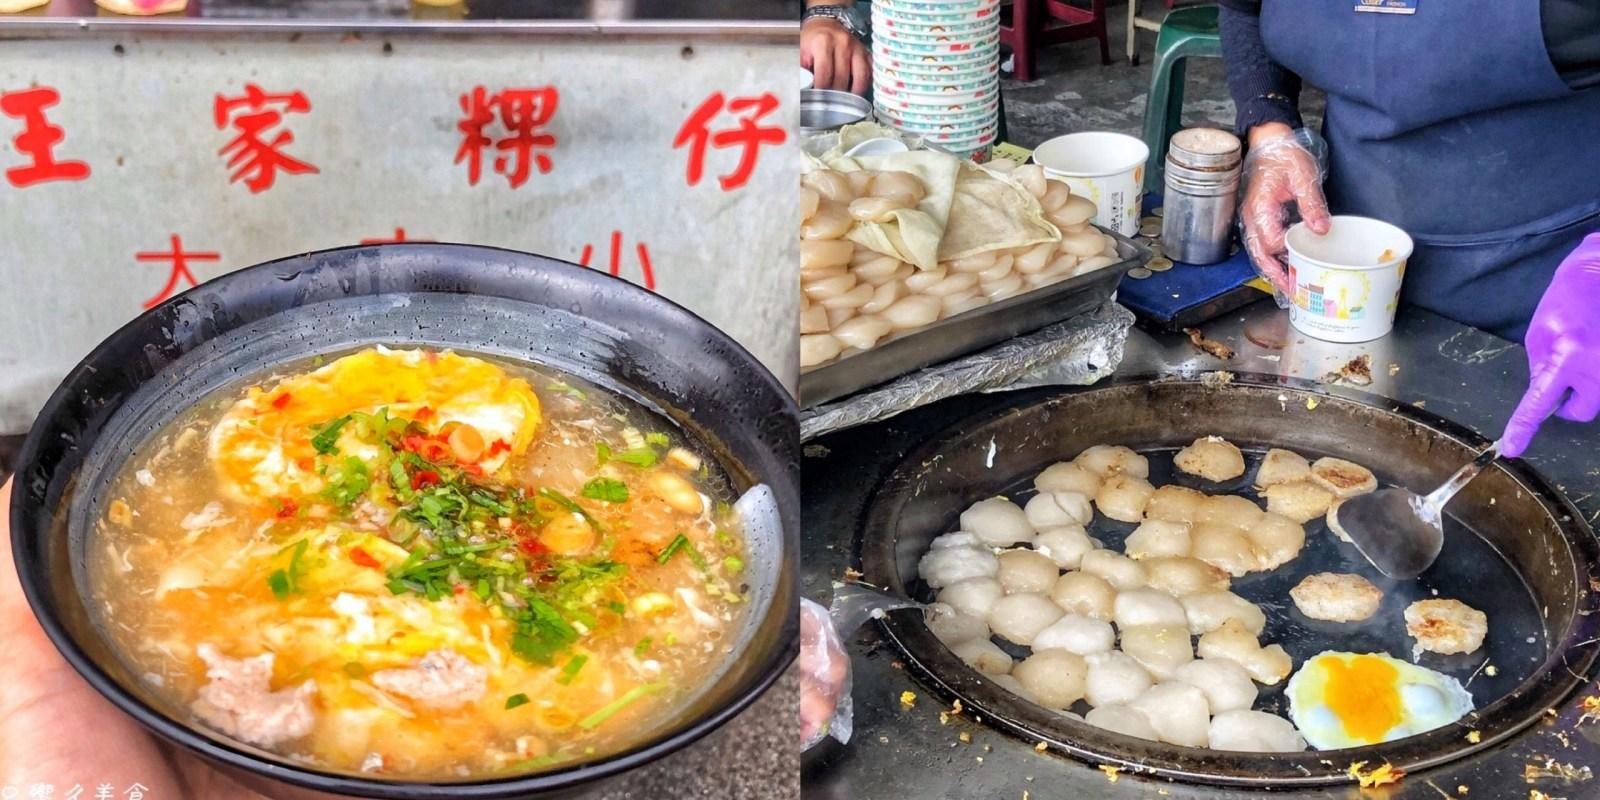 【台南美食】崑山菜市場人氣「林家粿仔」不到五小時就收攤!一定要煎恰恰加蛋最好吃 崑山美食|大灣美食